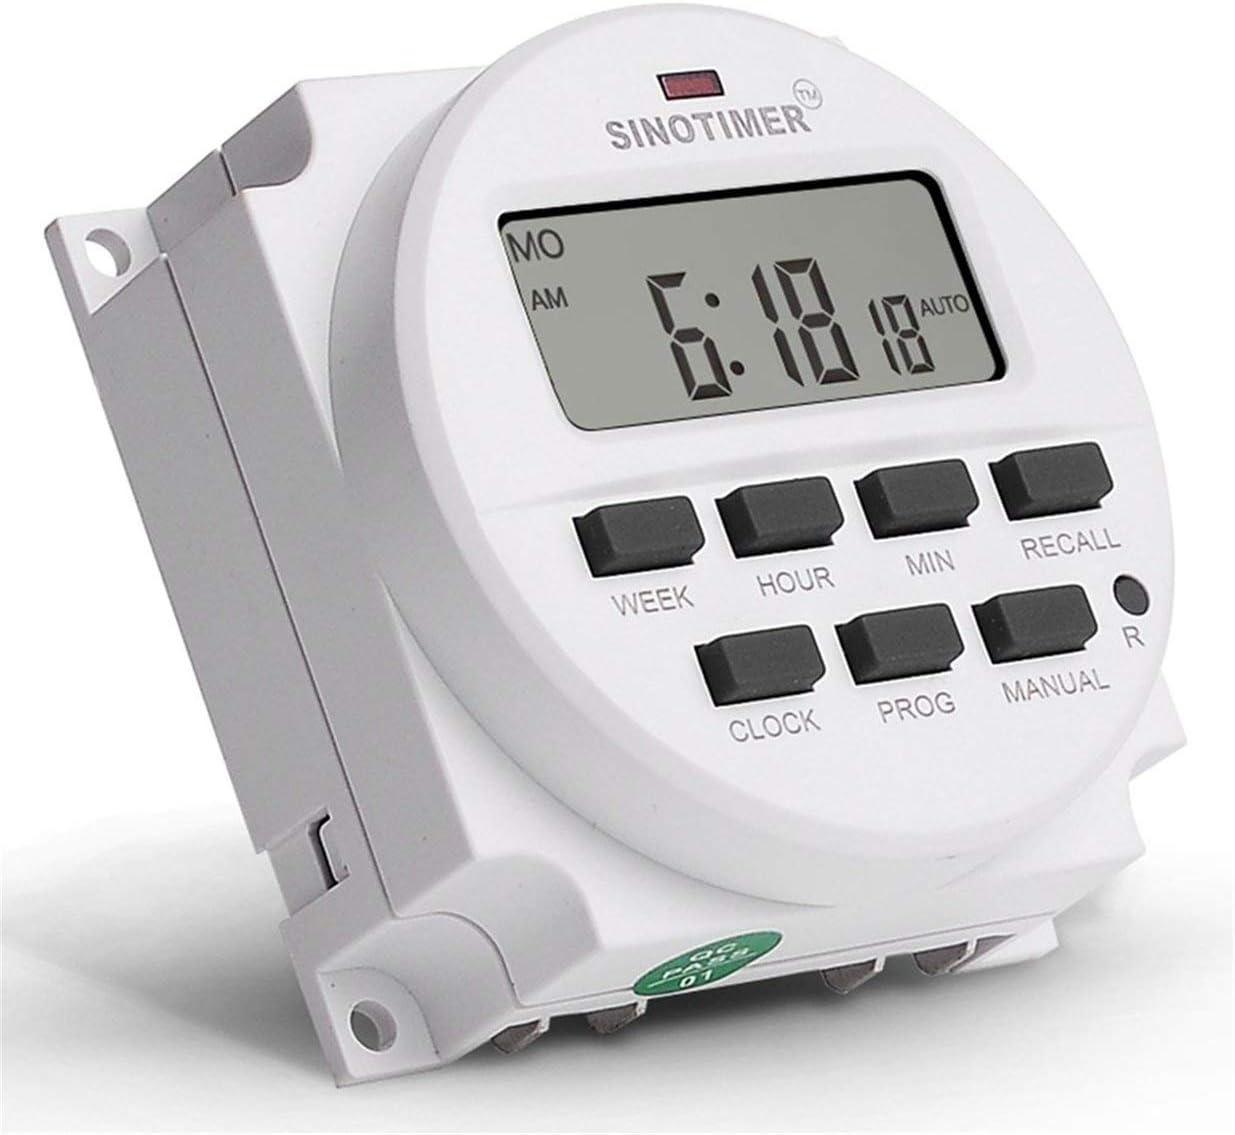 bianco Sairis SINOTIMER 12V settimanale 7 giorni programmabile digitale Rel/è timer Controllo conto alla rovescia Richiamo conto alla rovescia per apparecchio elettrico